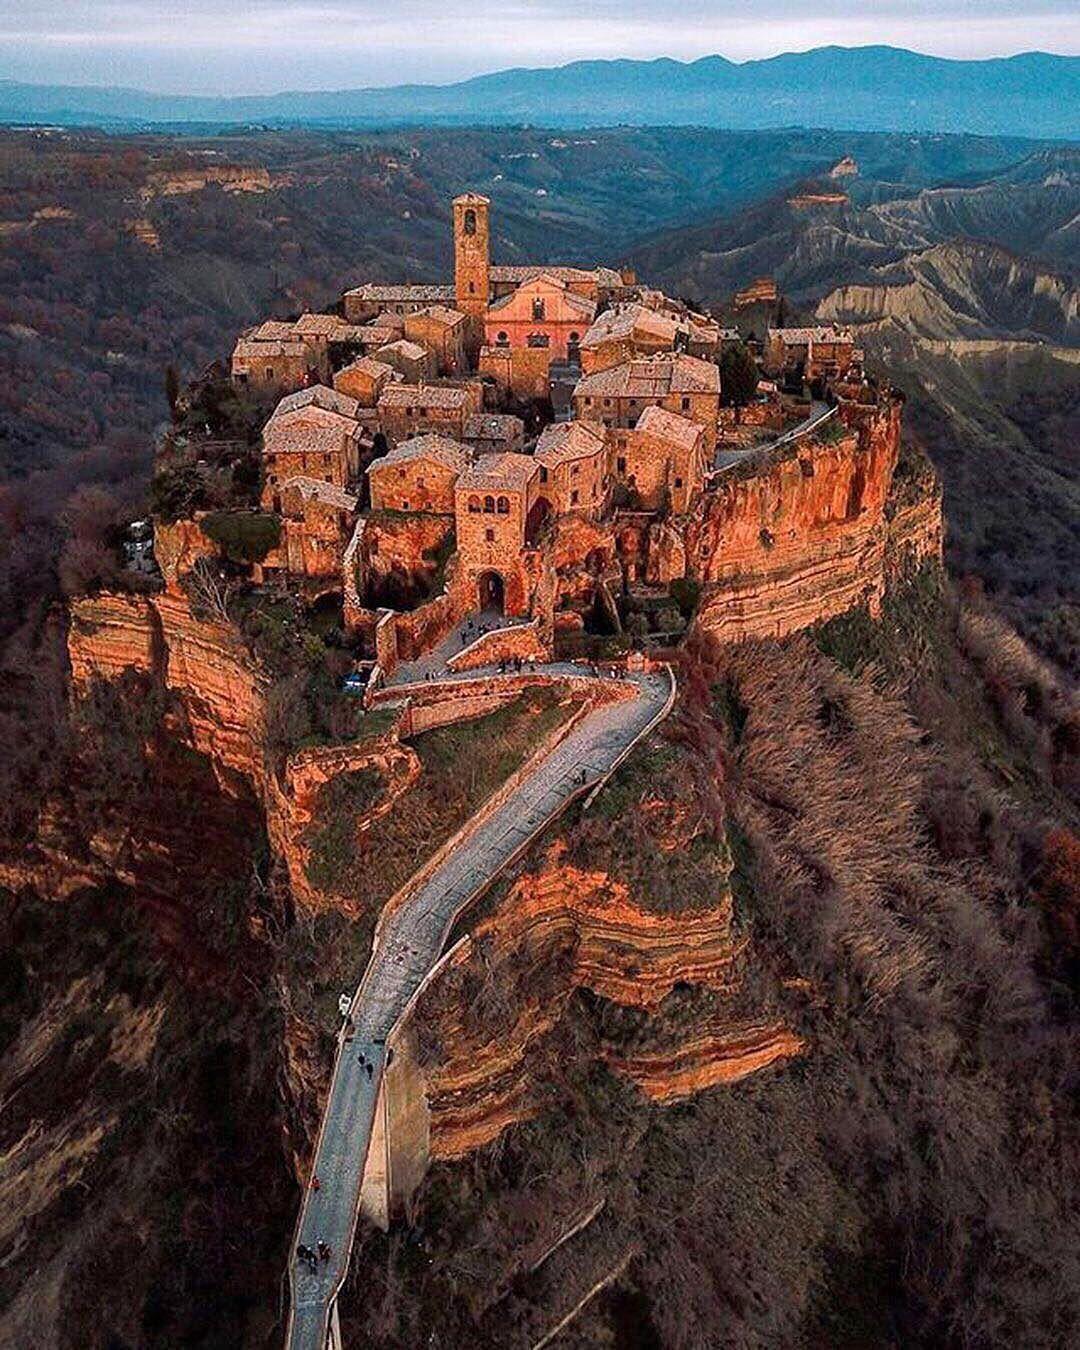 Civita di Bagnoreggio, a hilltop village in central Italy only ...